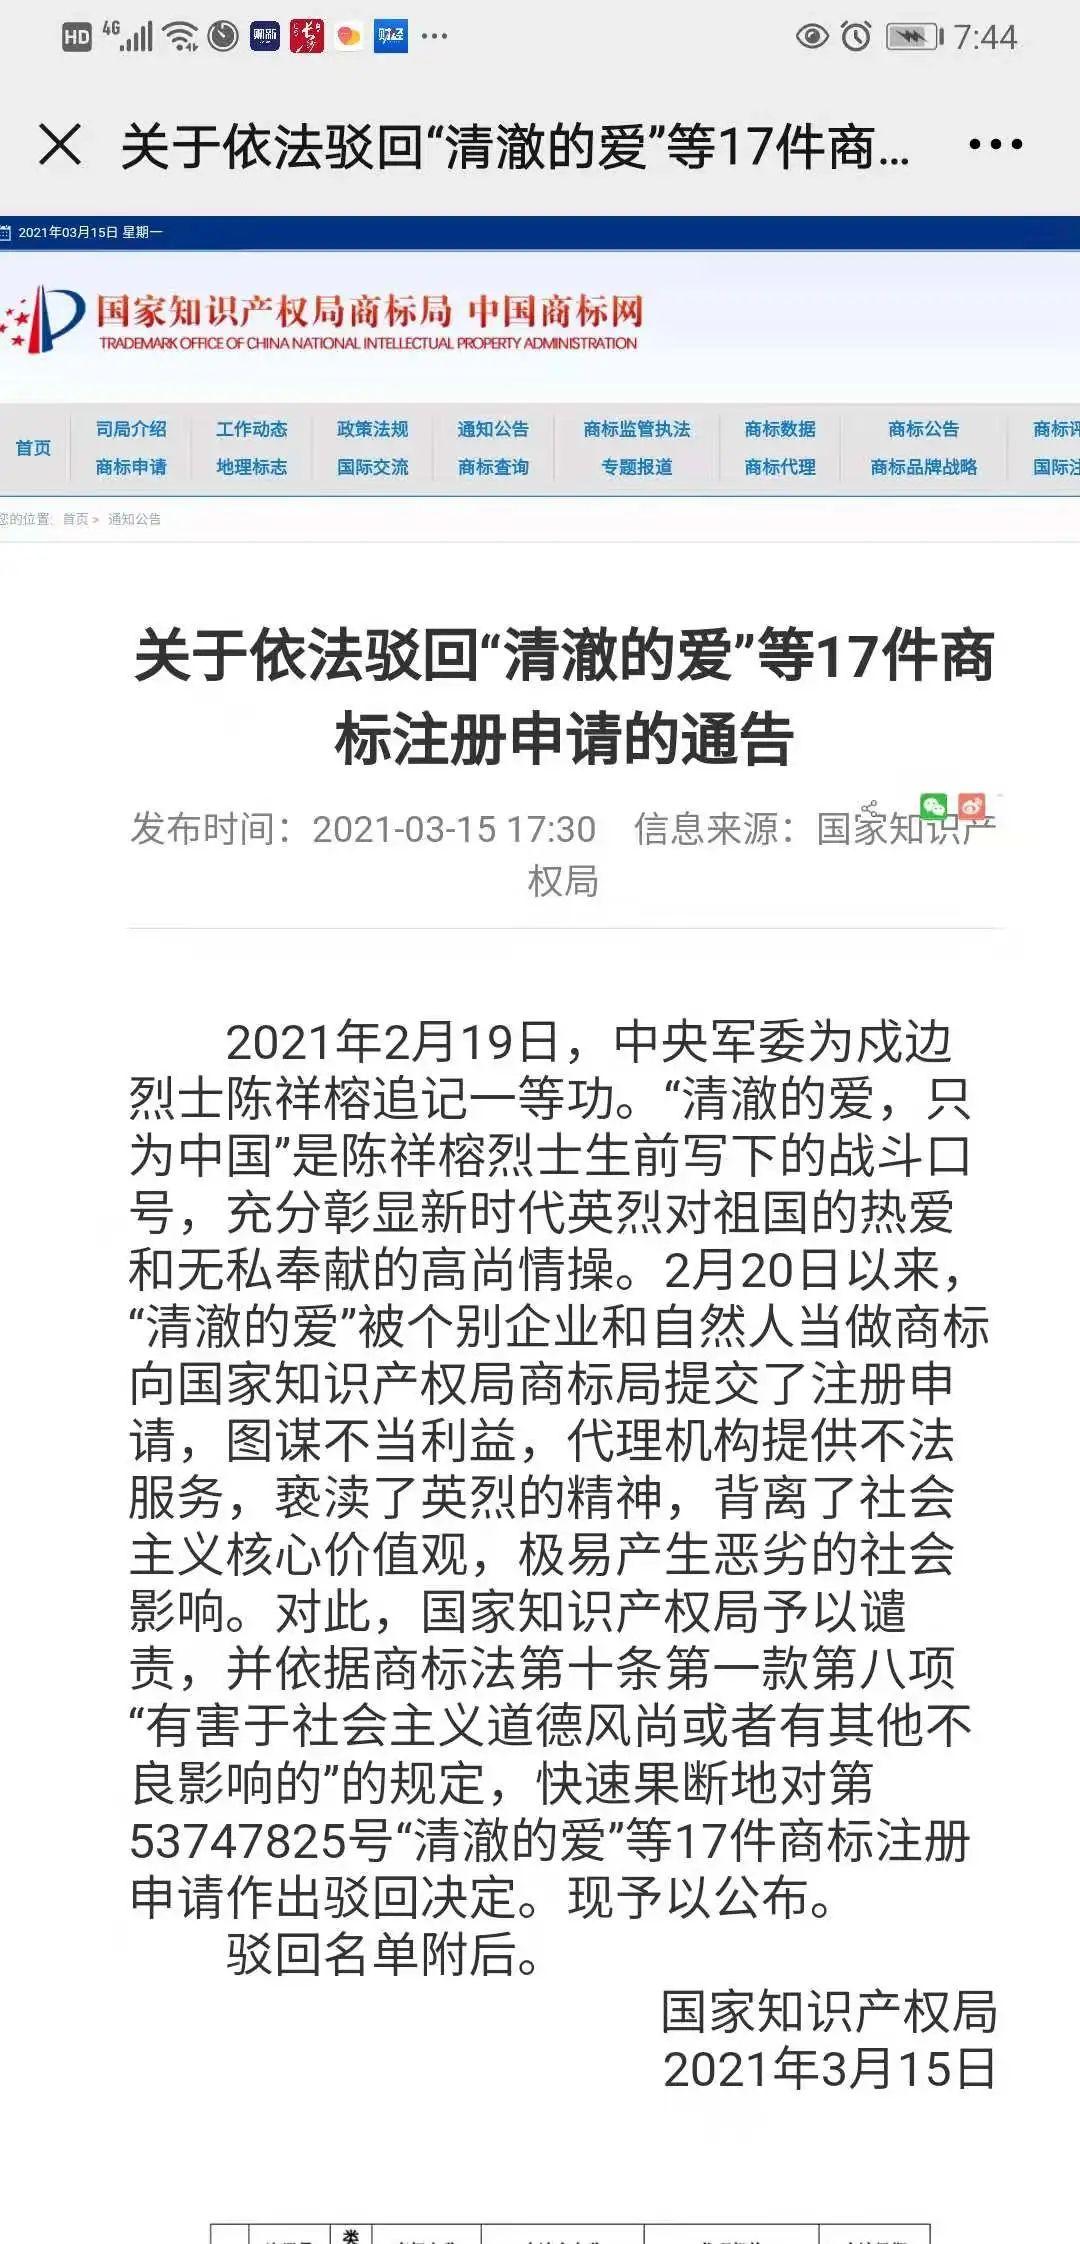 多个商家抢注烈士商标 国家知识产权局发通告谴责